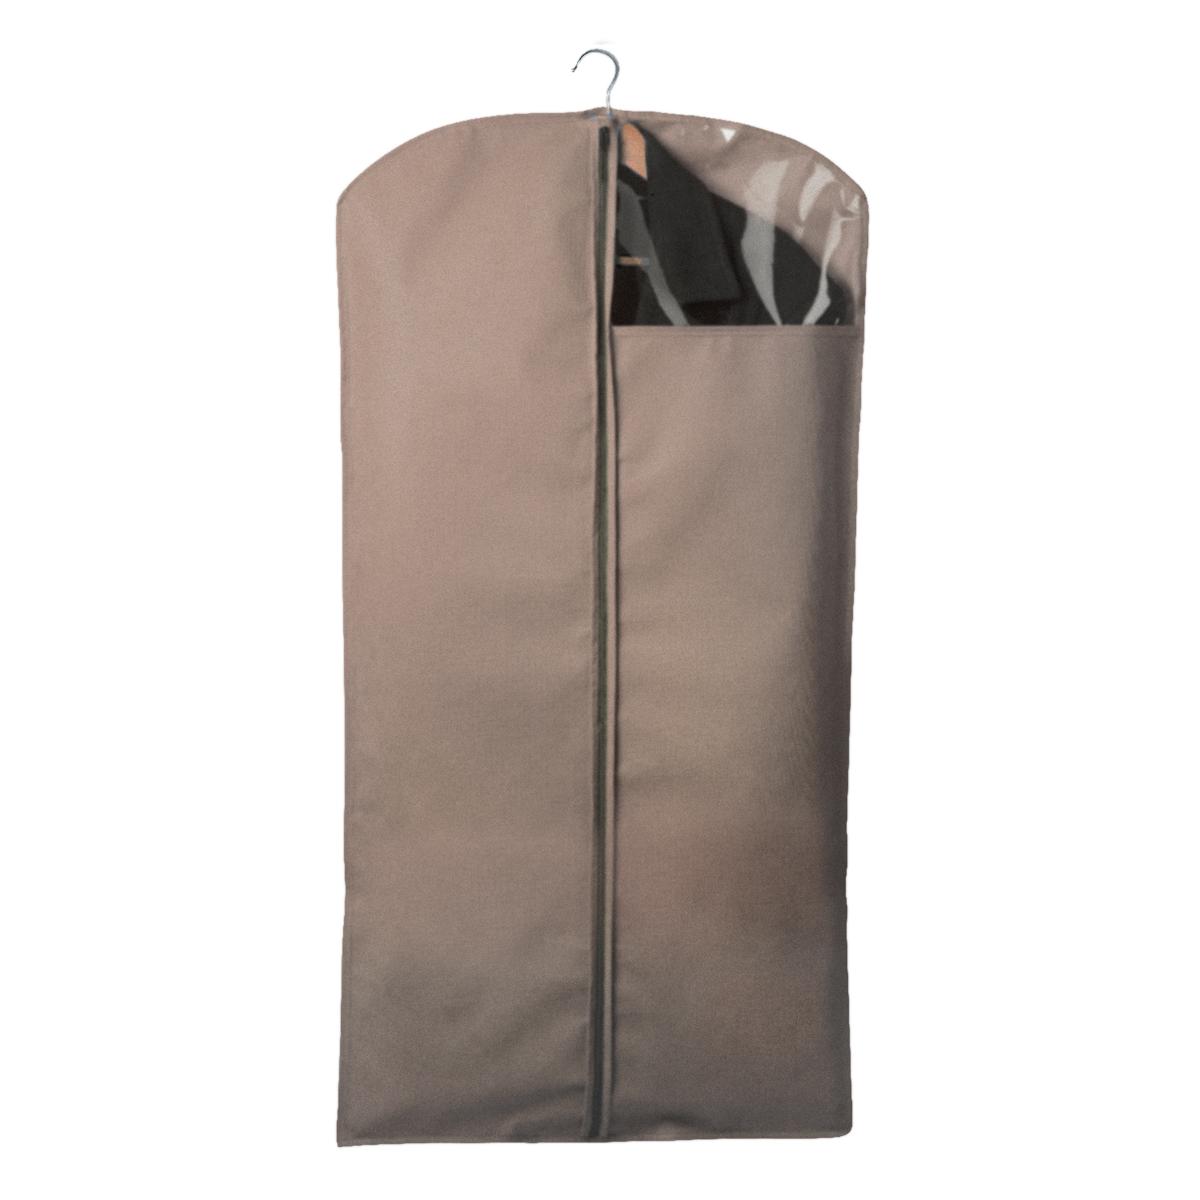 Чехол для одежды Miolla, с окошком, цвет: бежевый, 120 х 60 смCHL-2-1Чехол для костюмов и платьев Miolla на застежке-молнии выполнен из высококачественного нетканого материала. Прозрачное полиэтиленовое окошко позволяет видеть содержимое чехла. Подходит для длительного хранения вещей. Чехол обеспечивает вашей одежде надежную защиту от влажности, повреждений и грязи при транспортировке, от запыления при хранении и проникновения моли. Чехол обладает водоотталкивающими свойствами, а также позволяет воздуху свободно поступать внутрь вещей, обеспечивая их кондиционирование. Размер чехла: 120 х 60 см.